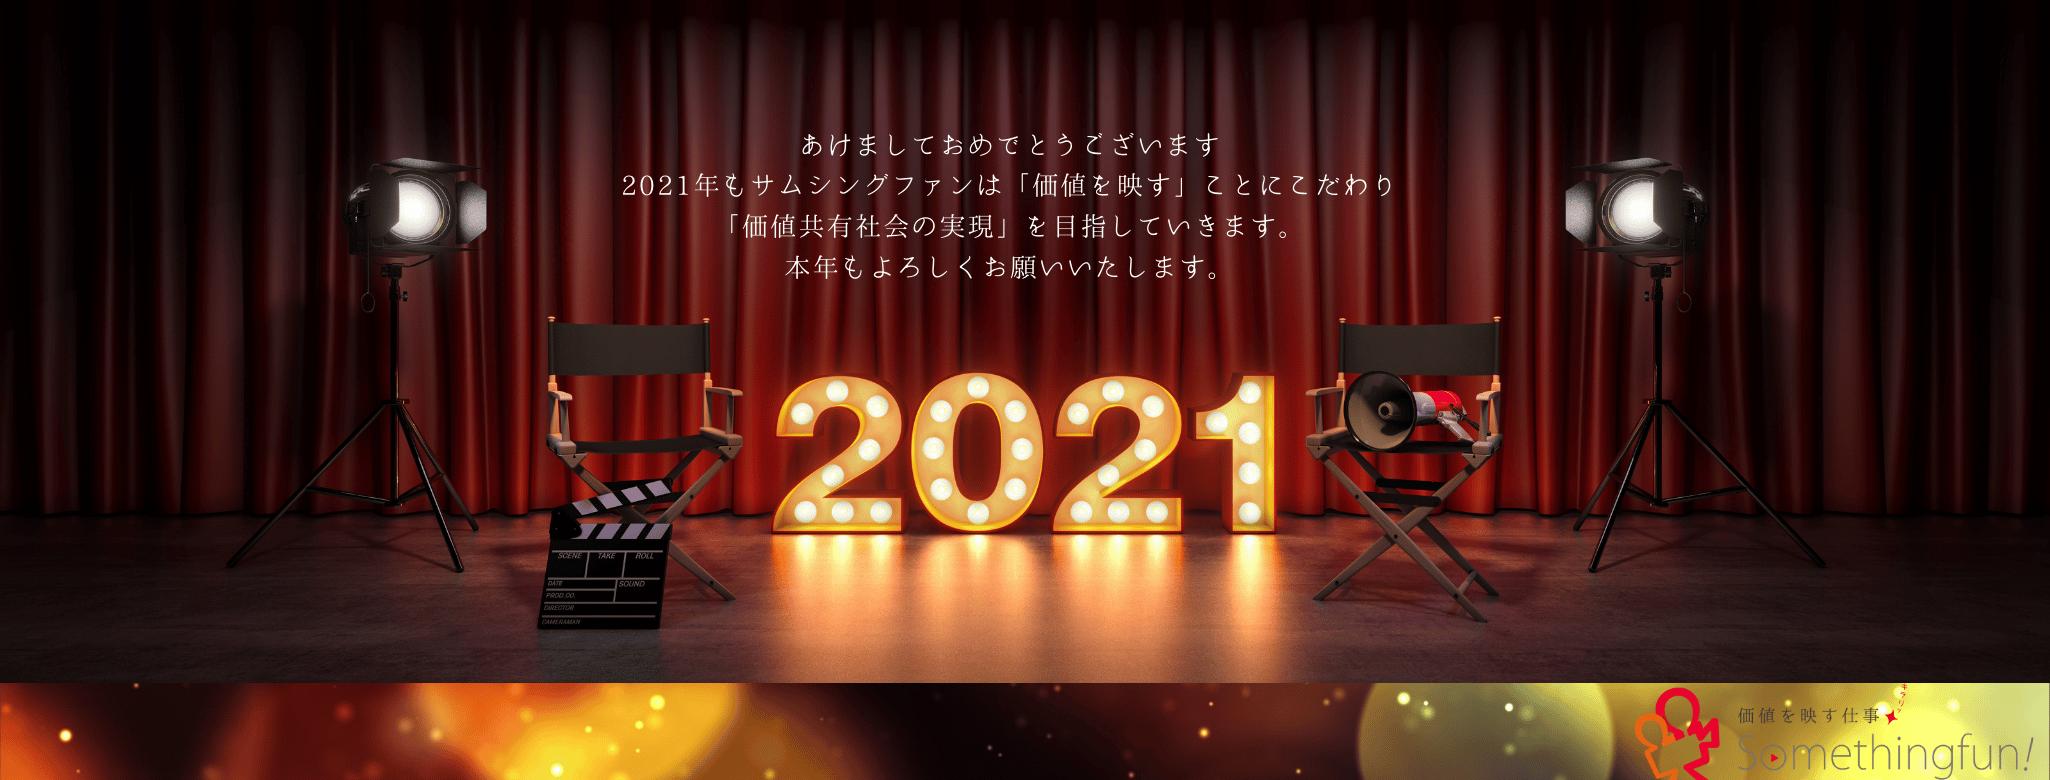 2021年あけましておめでとうございます